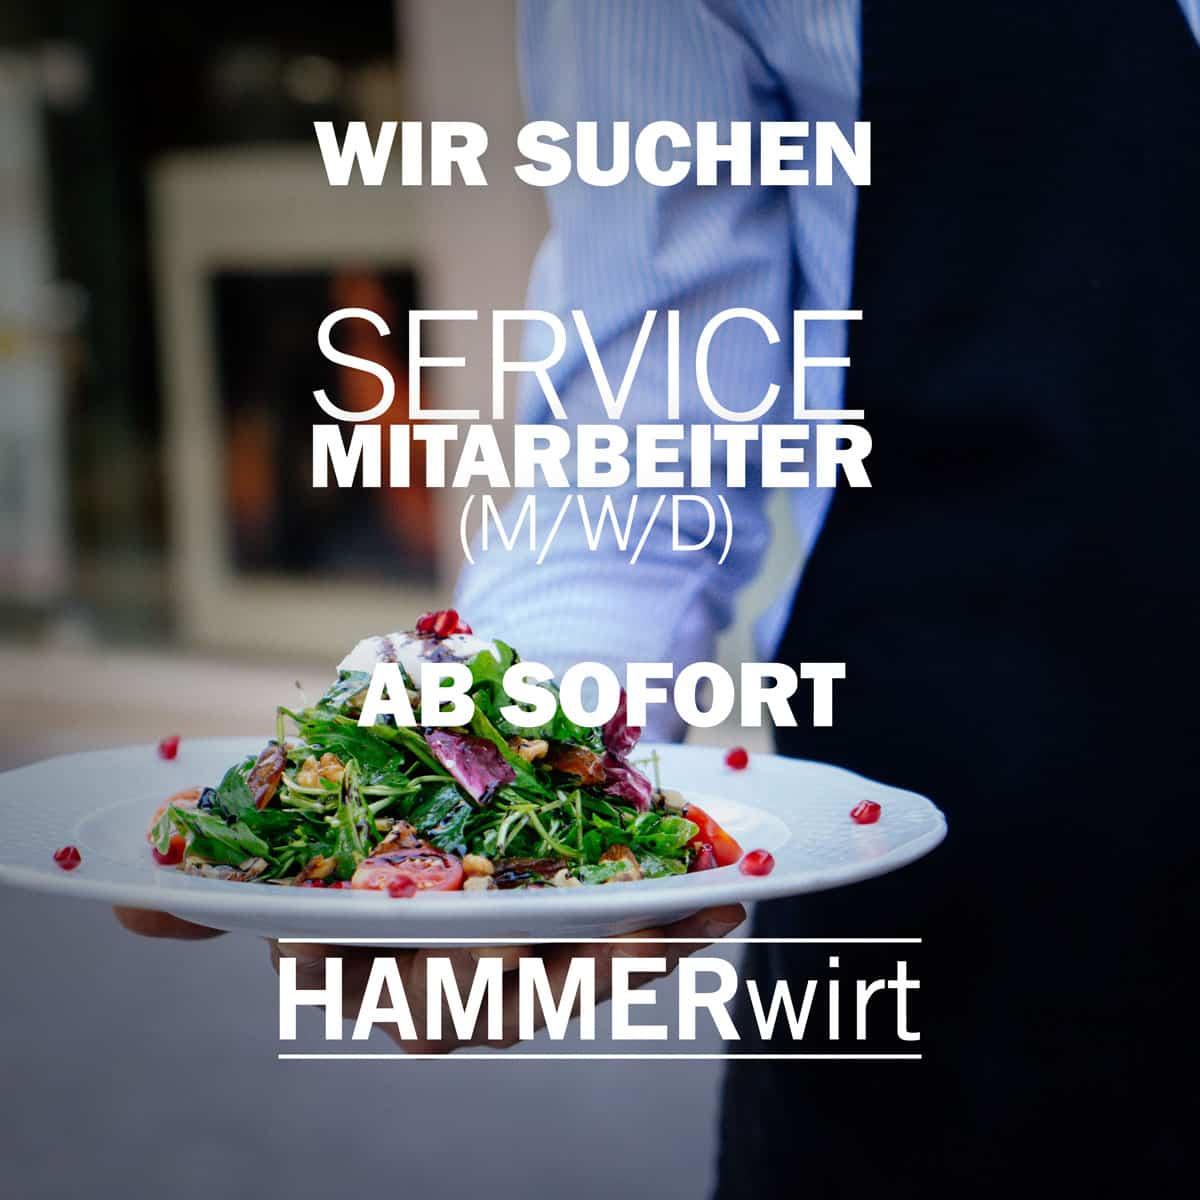 Hammerwirt Salzburg - Jobangebot - Servicemitarbeiter (m/w/d) - Ab sofort